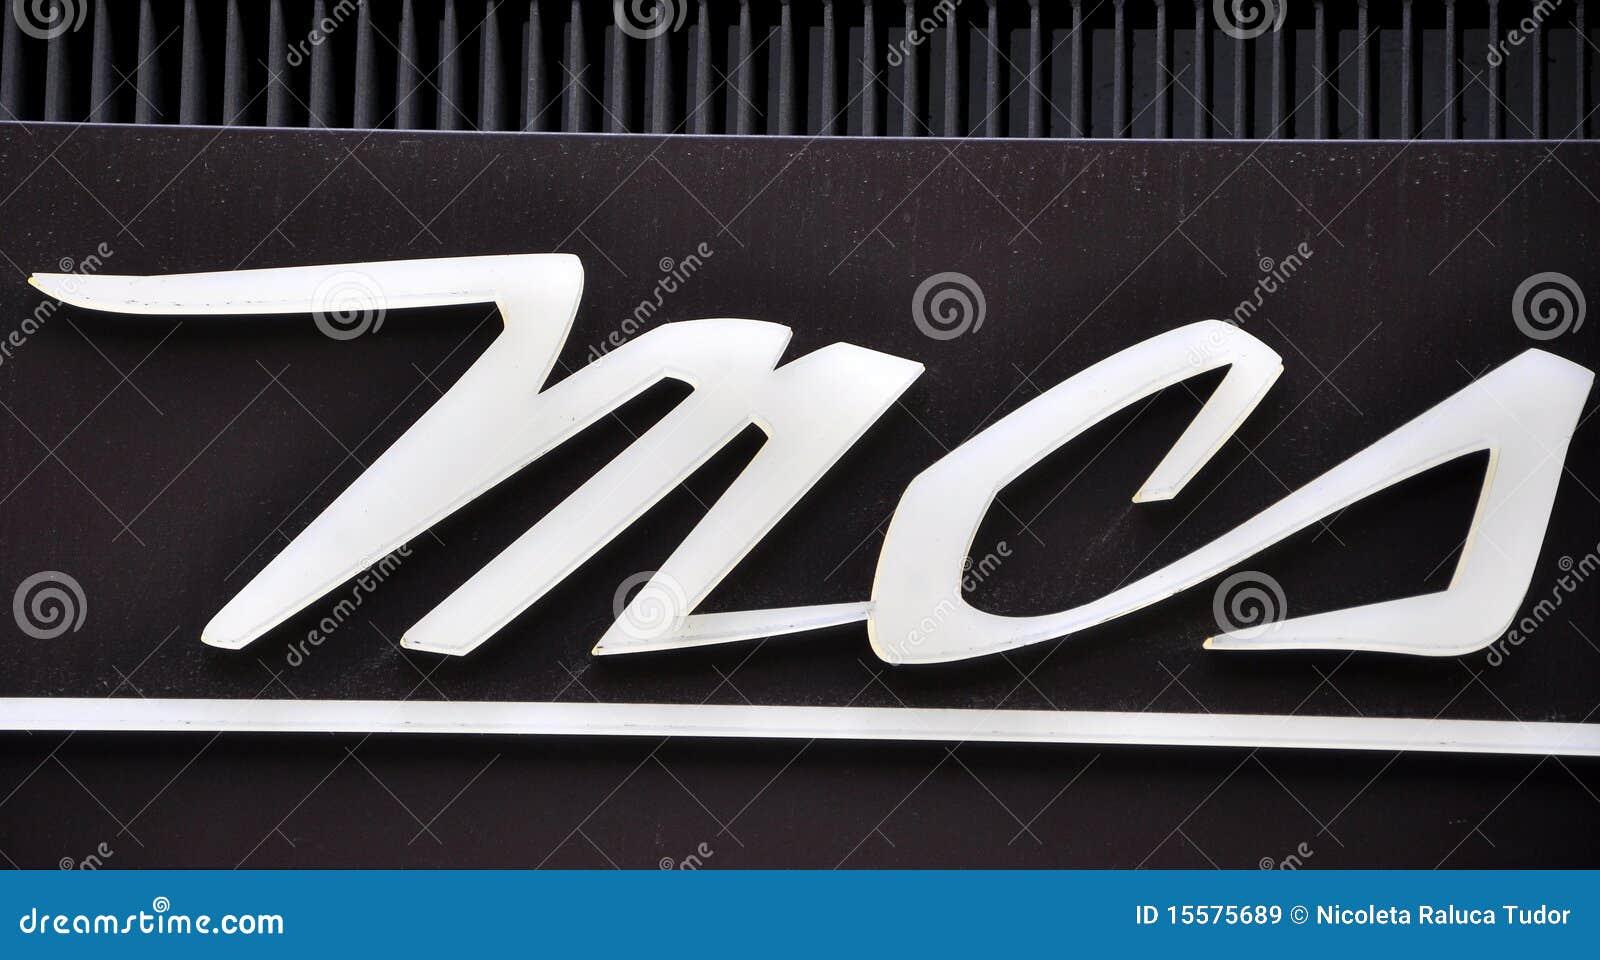 Fashion brand logo, Marlboro Classics brand name